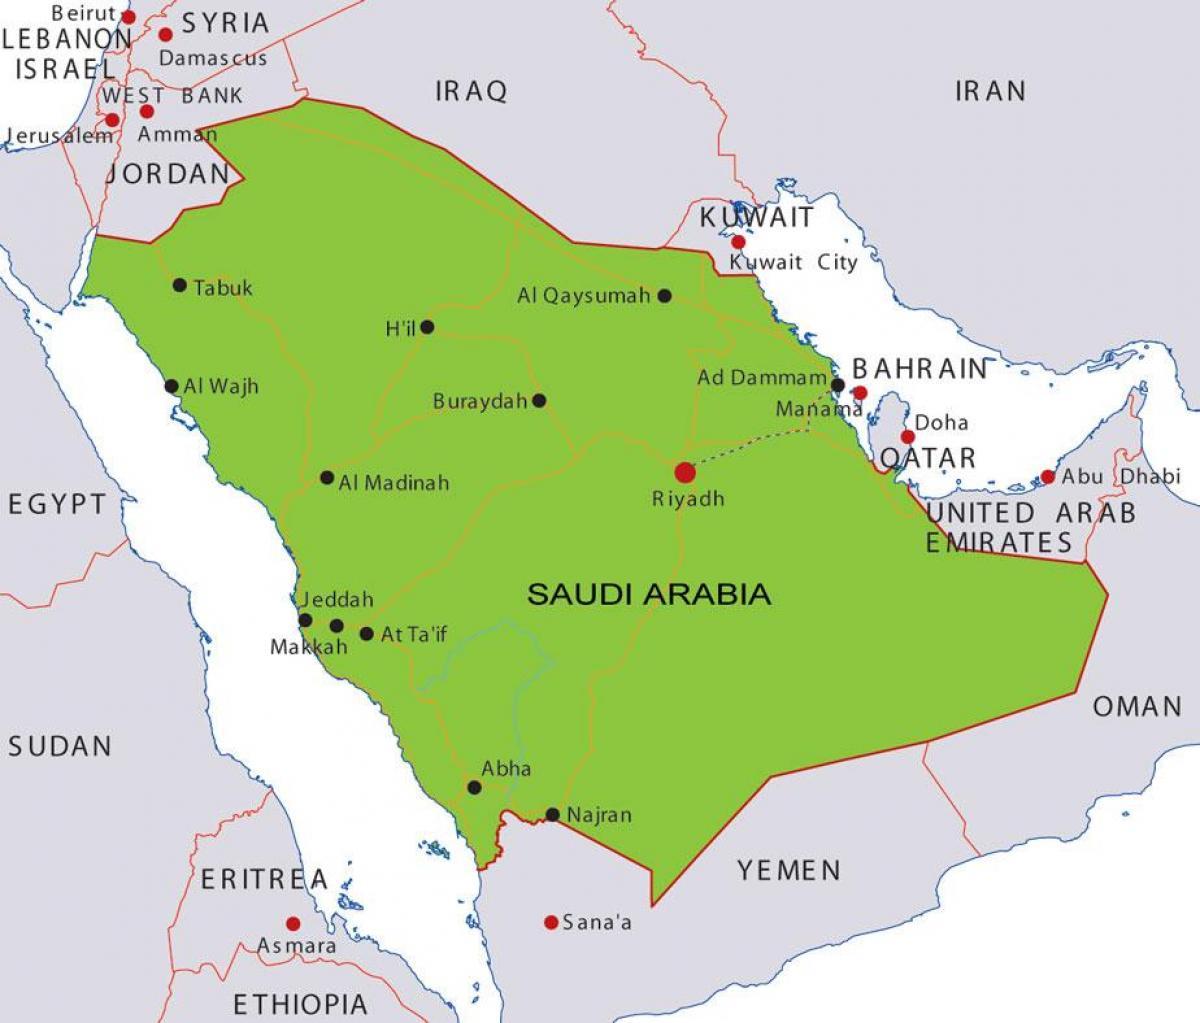 University Of Bahrain Kort Kort Over Universitetet I Bahrain